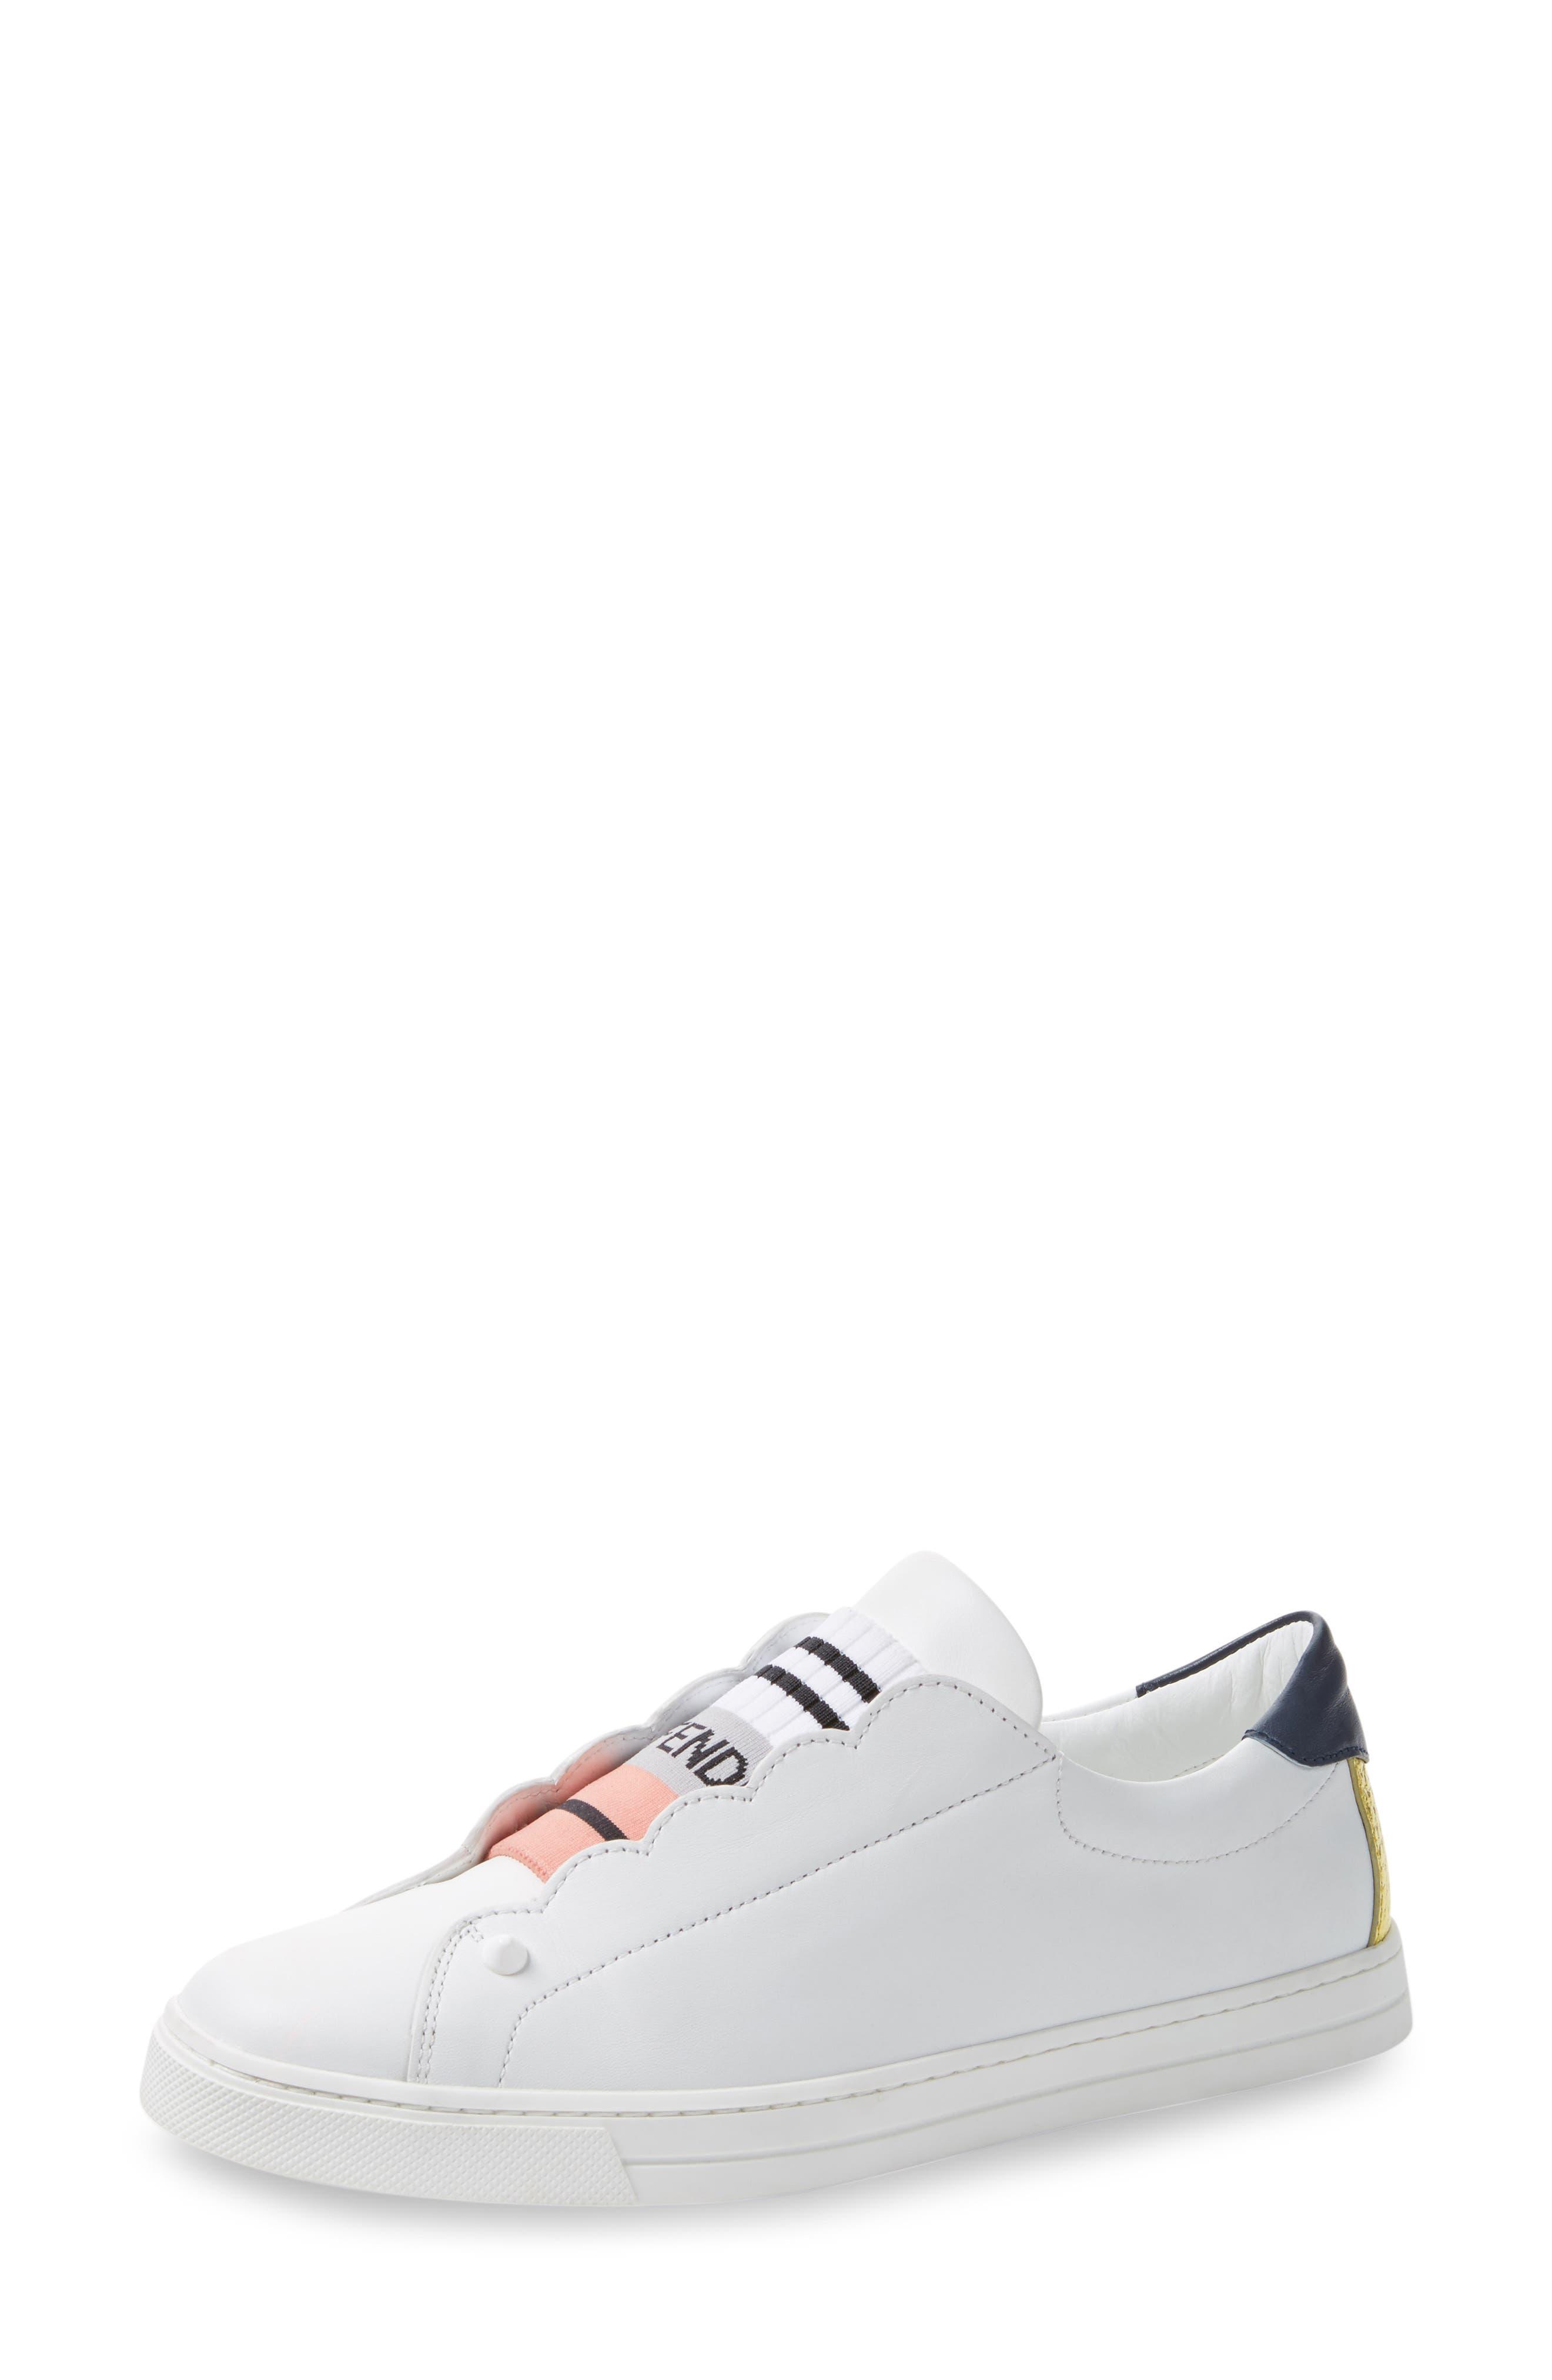 Main Image - Fendi Rockoclick Slip-On Sneaker (Women)